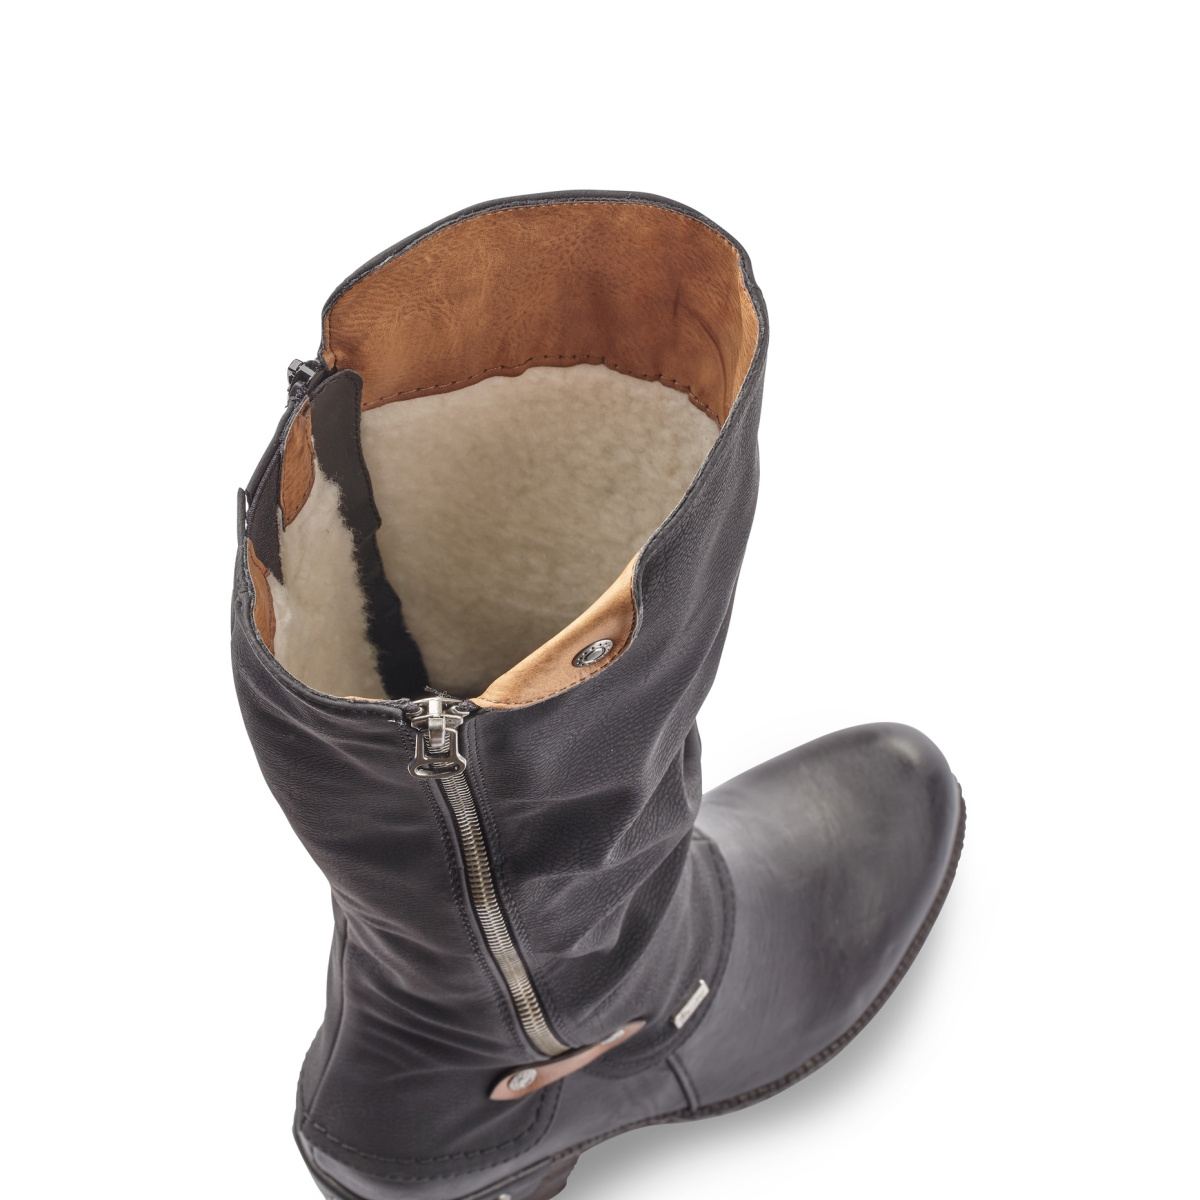 19290c5746c detail Dámská obuv RIEKER br 93655 00 SCHWARZ H W 8